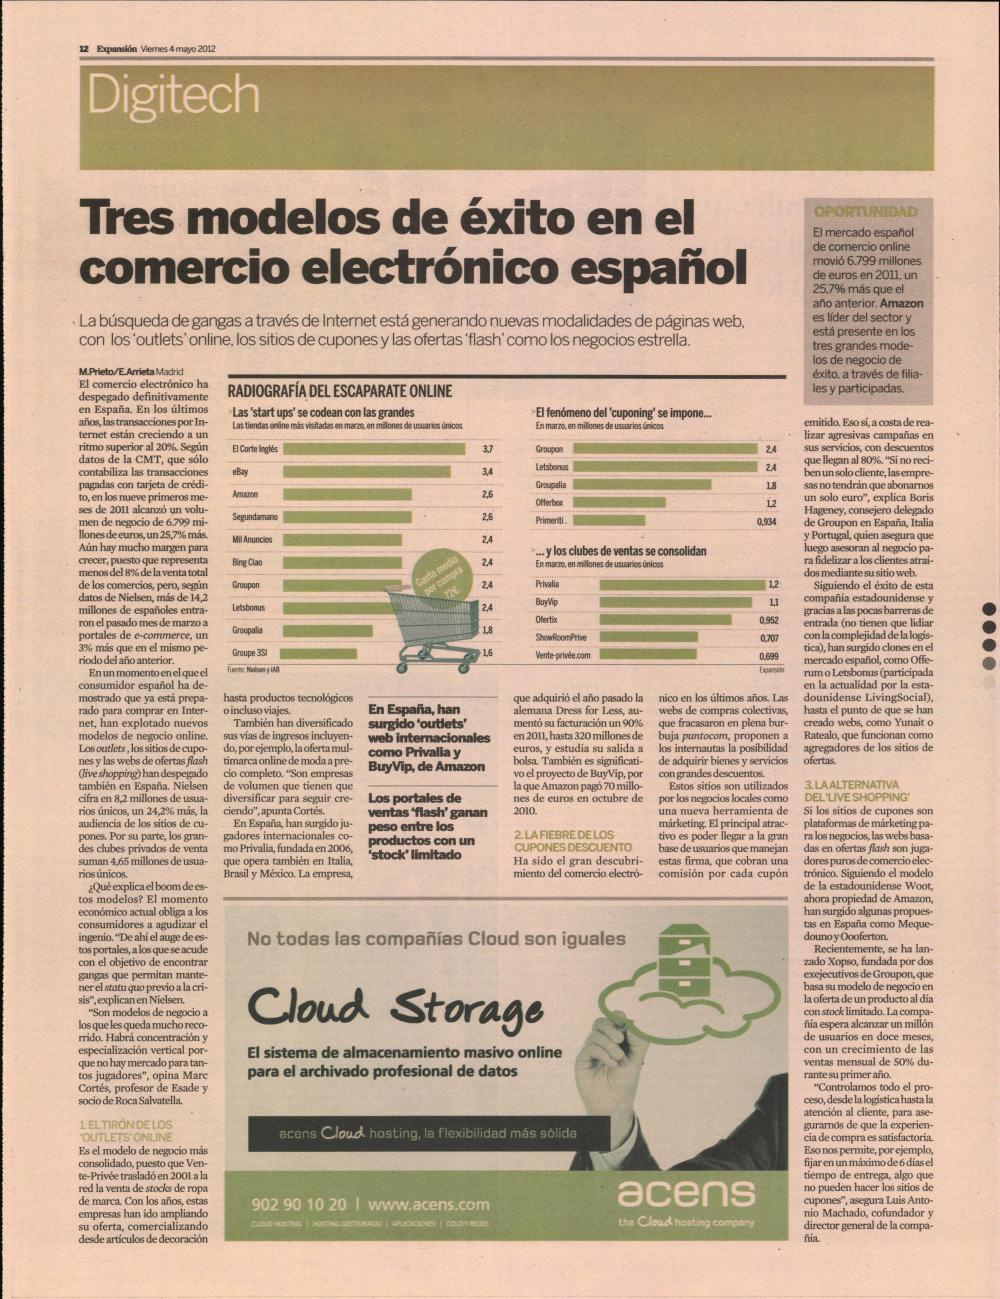 nuevos modelos de negocio - blog acens the cloud hosting company